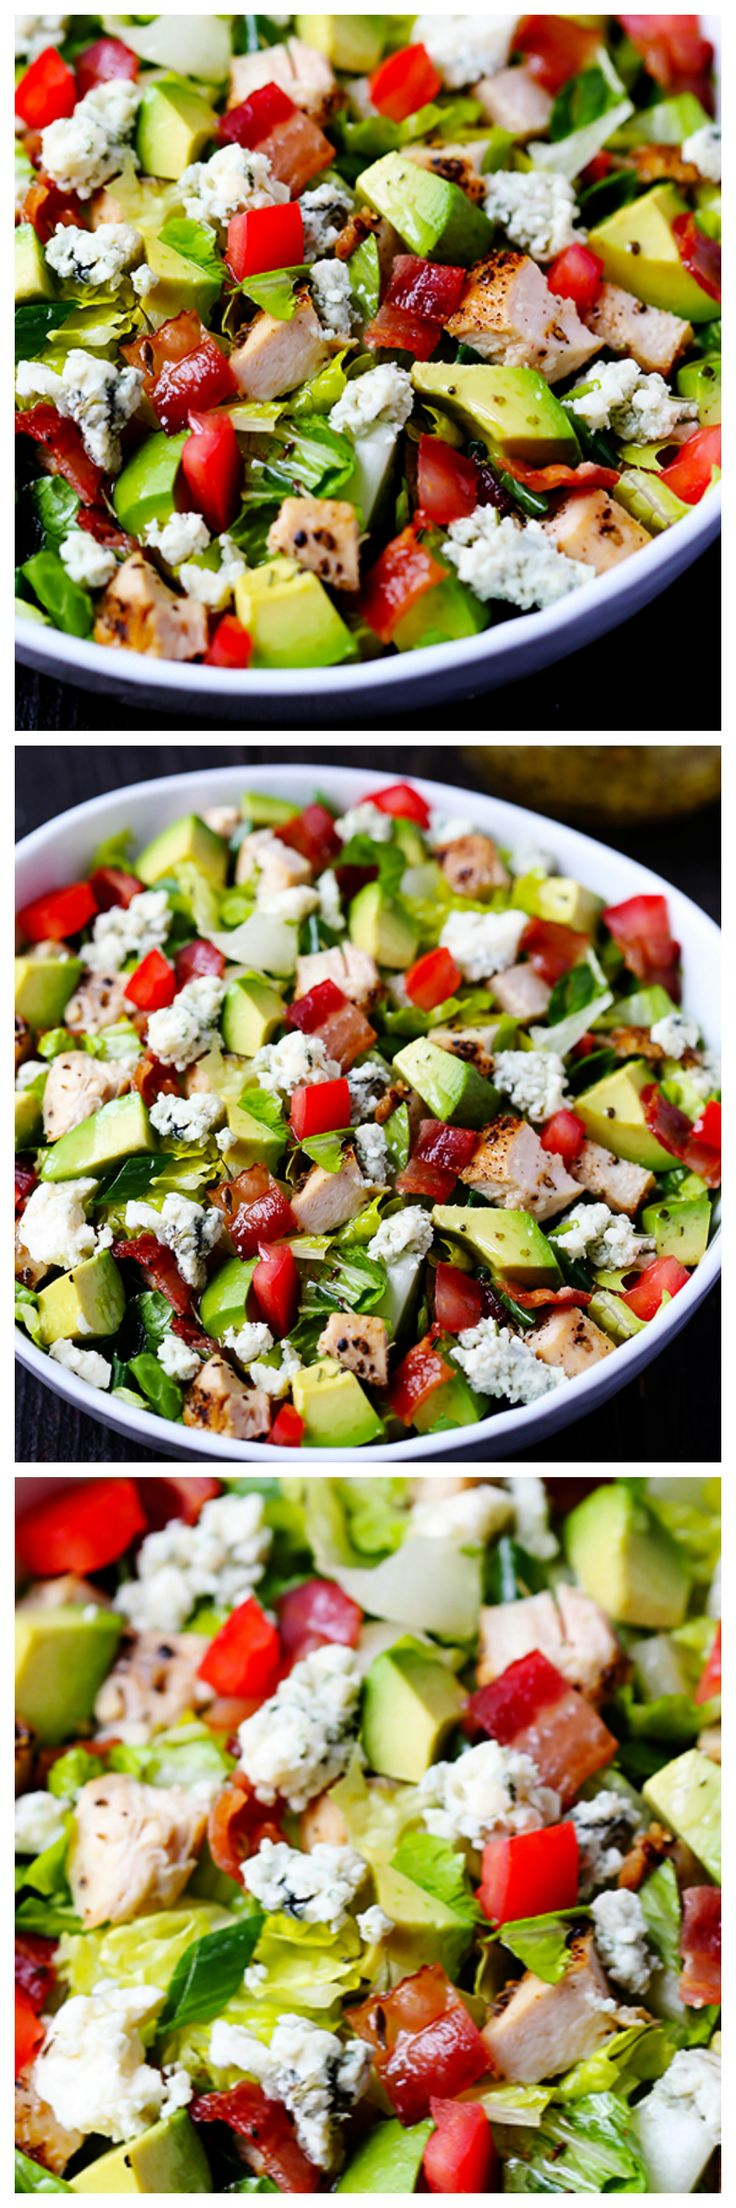 Chicken, Bacon & Avocado Chopped Salad